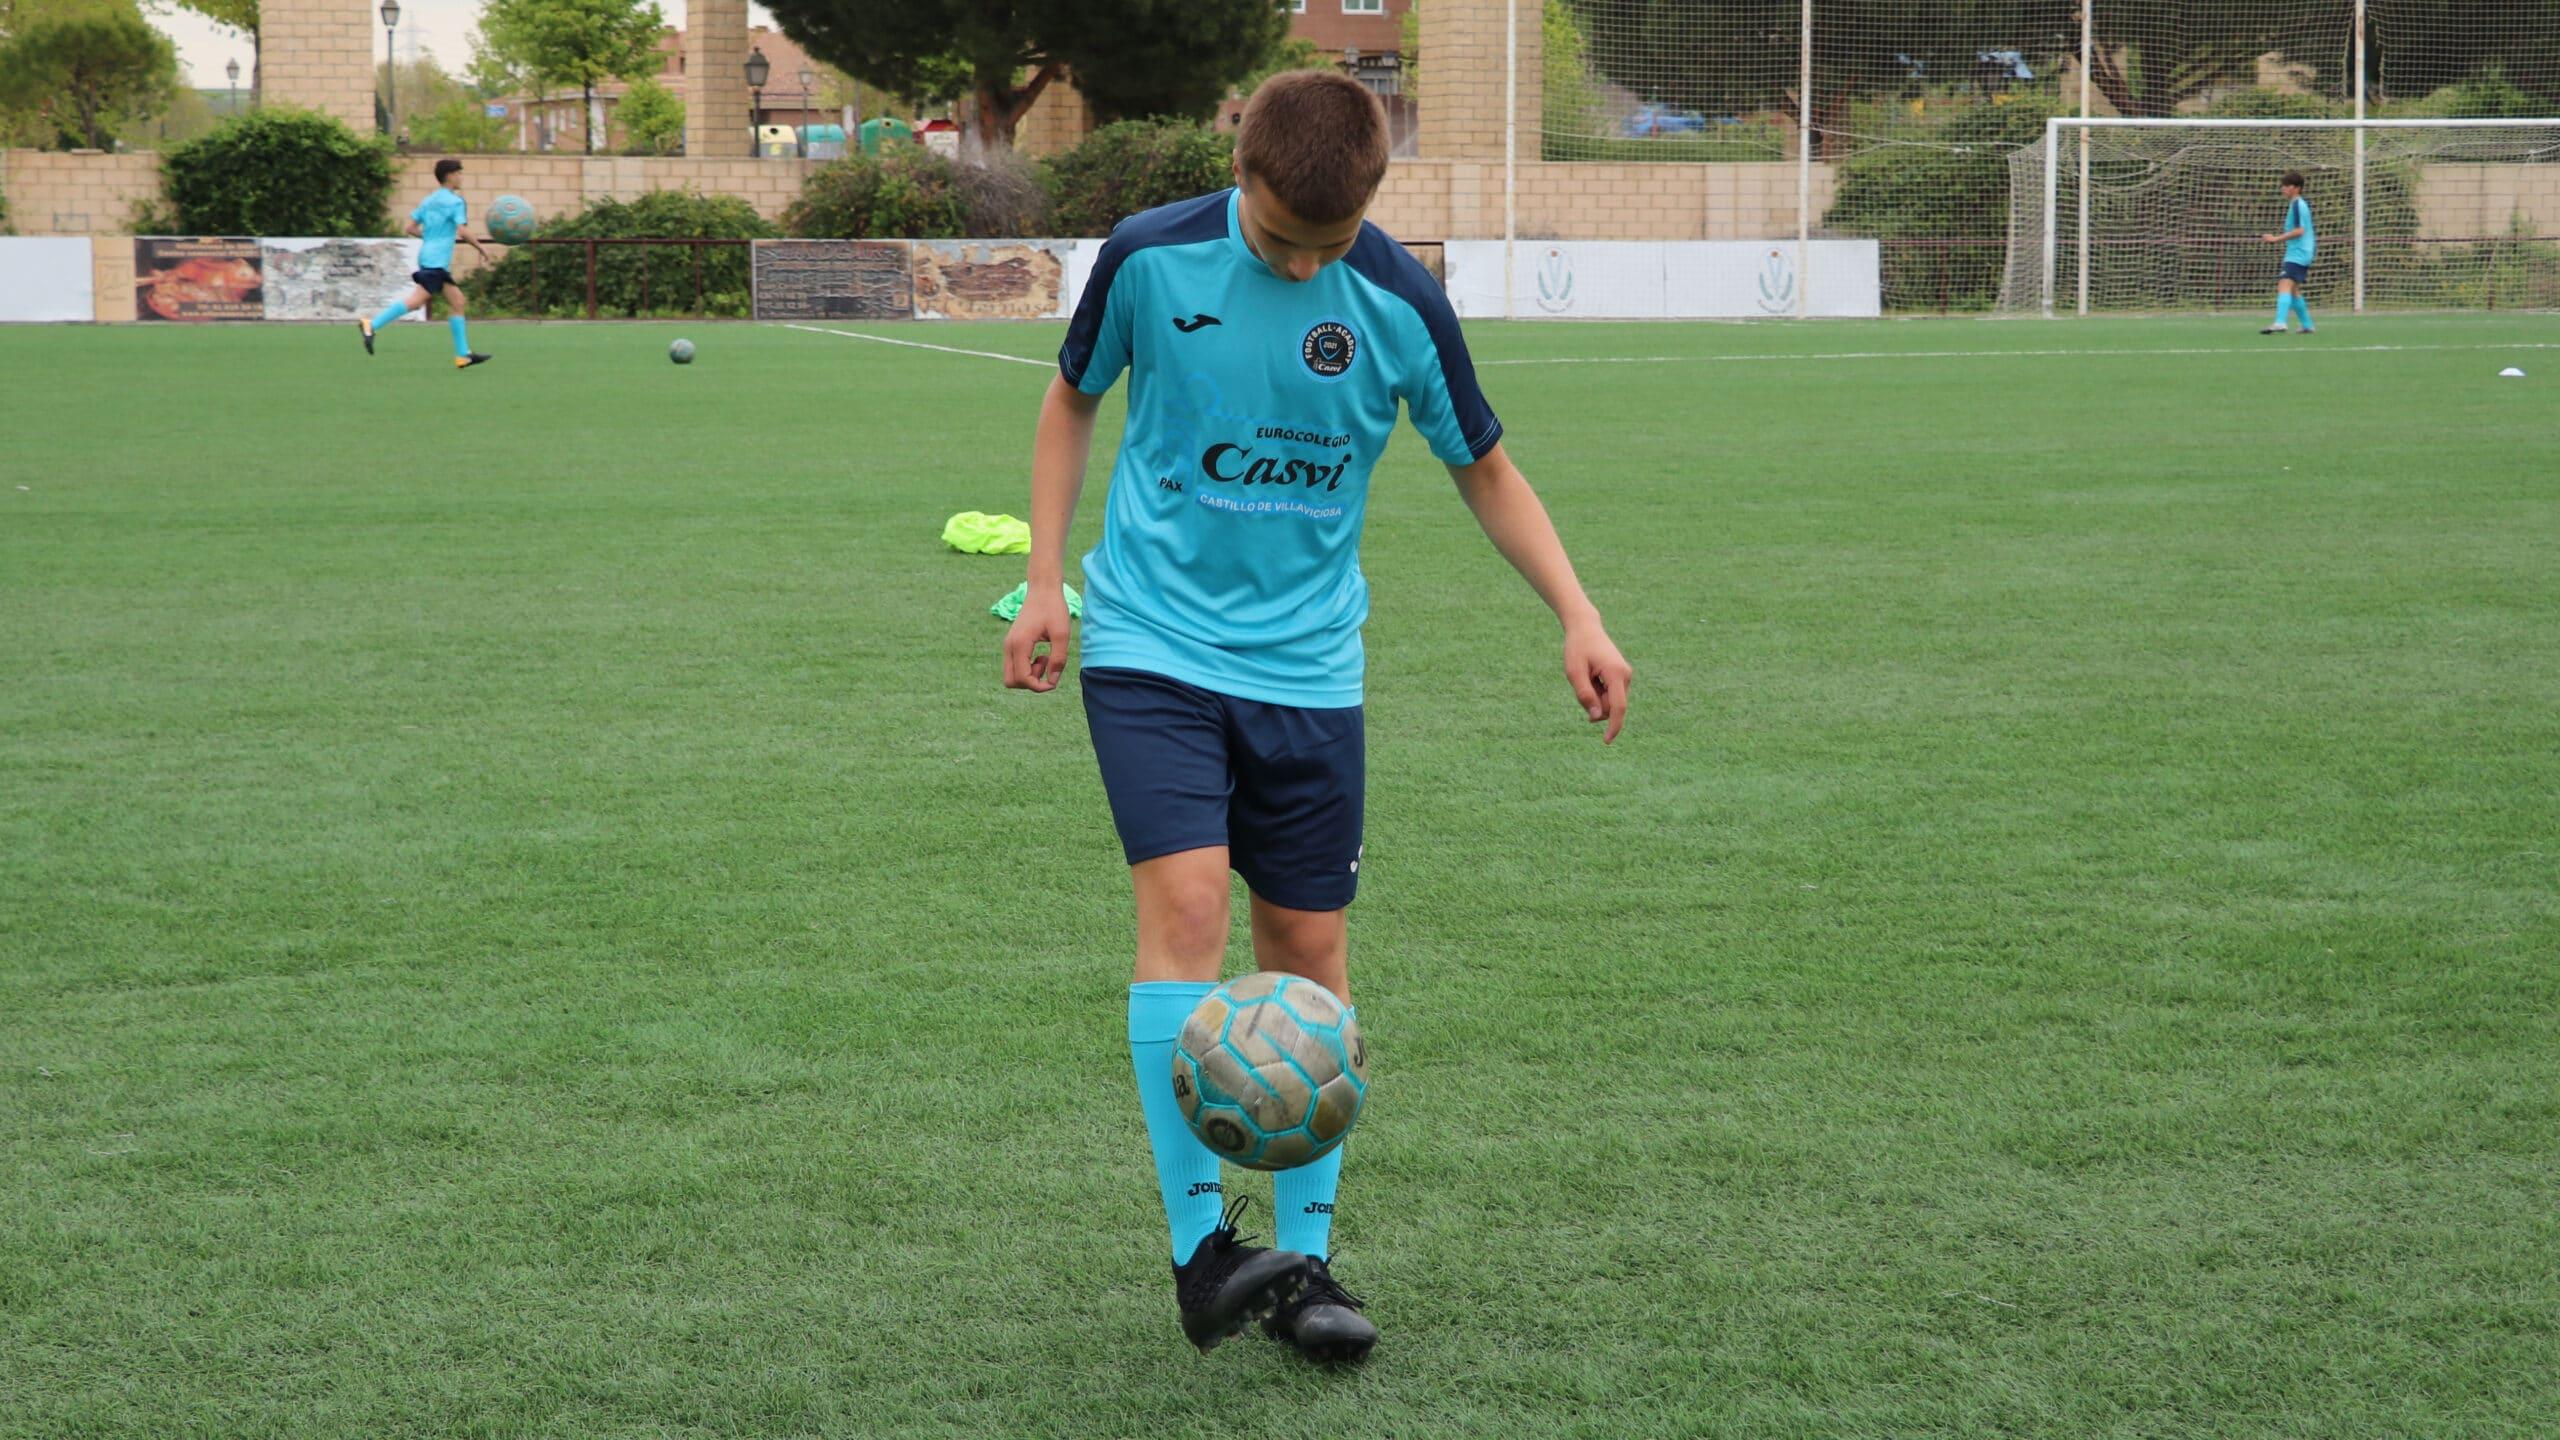 Fomento de la inteligencia emocional en Casvi Football Academy